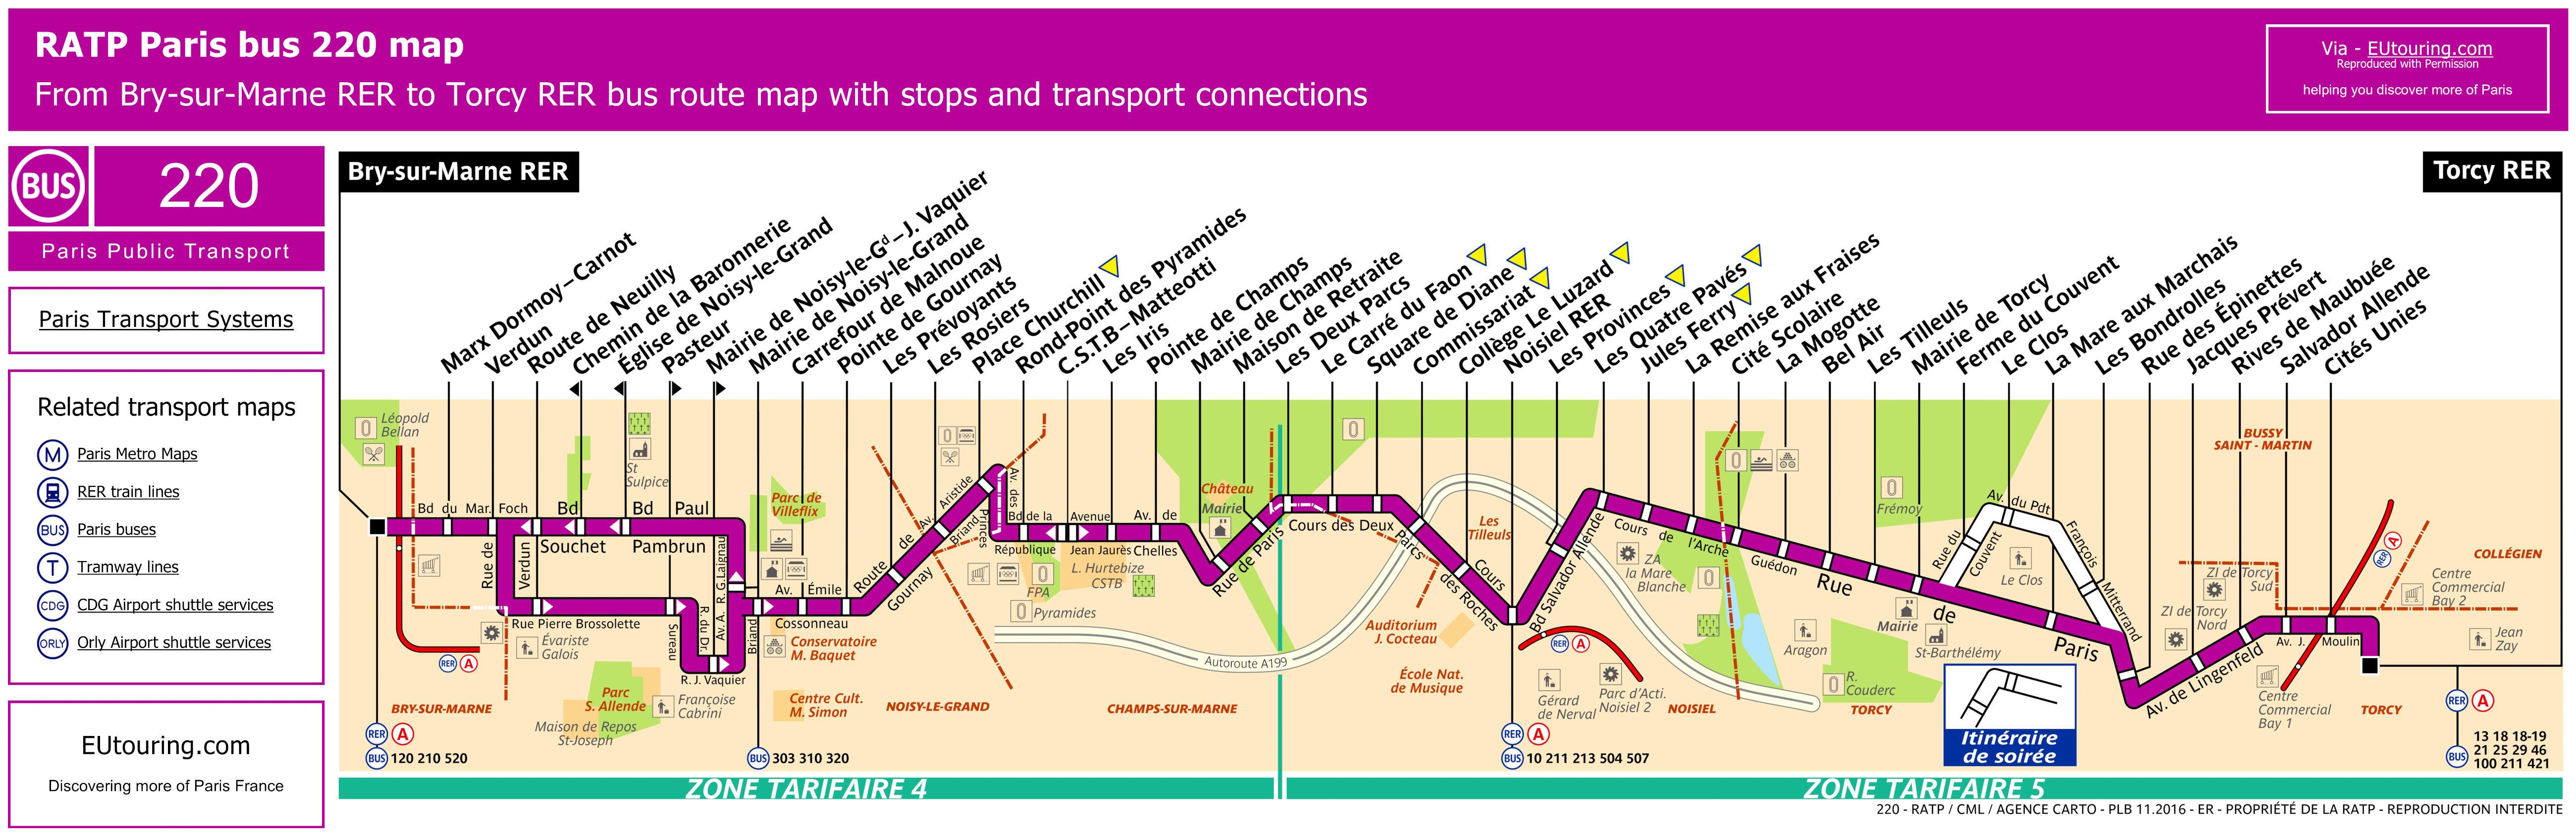 Ratp Bus Maps Timetables For Paris Bus Lines 220 To 229